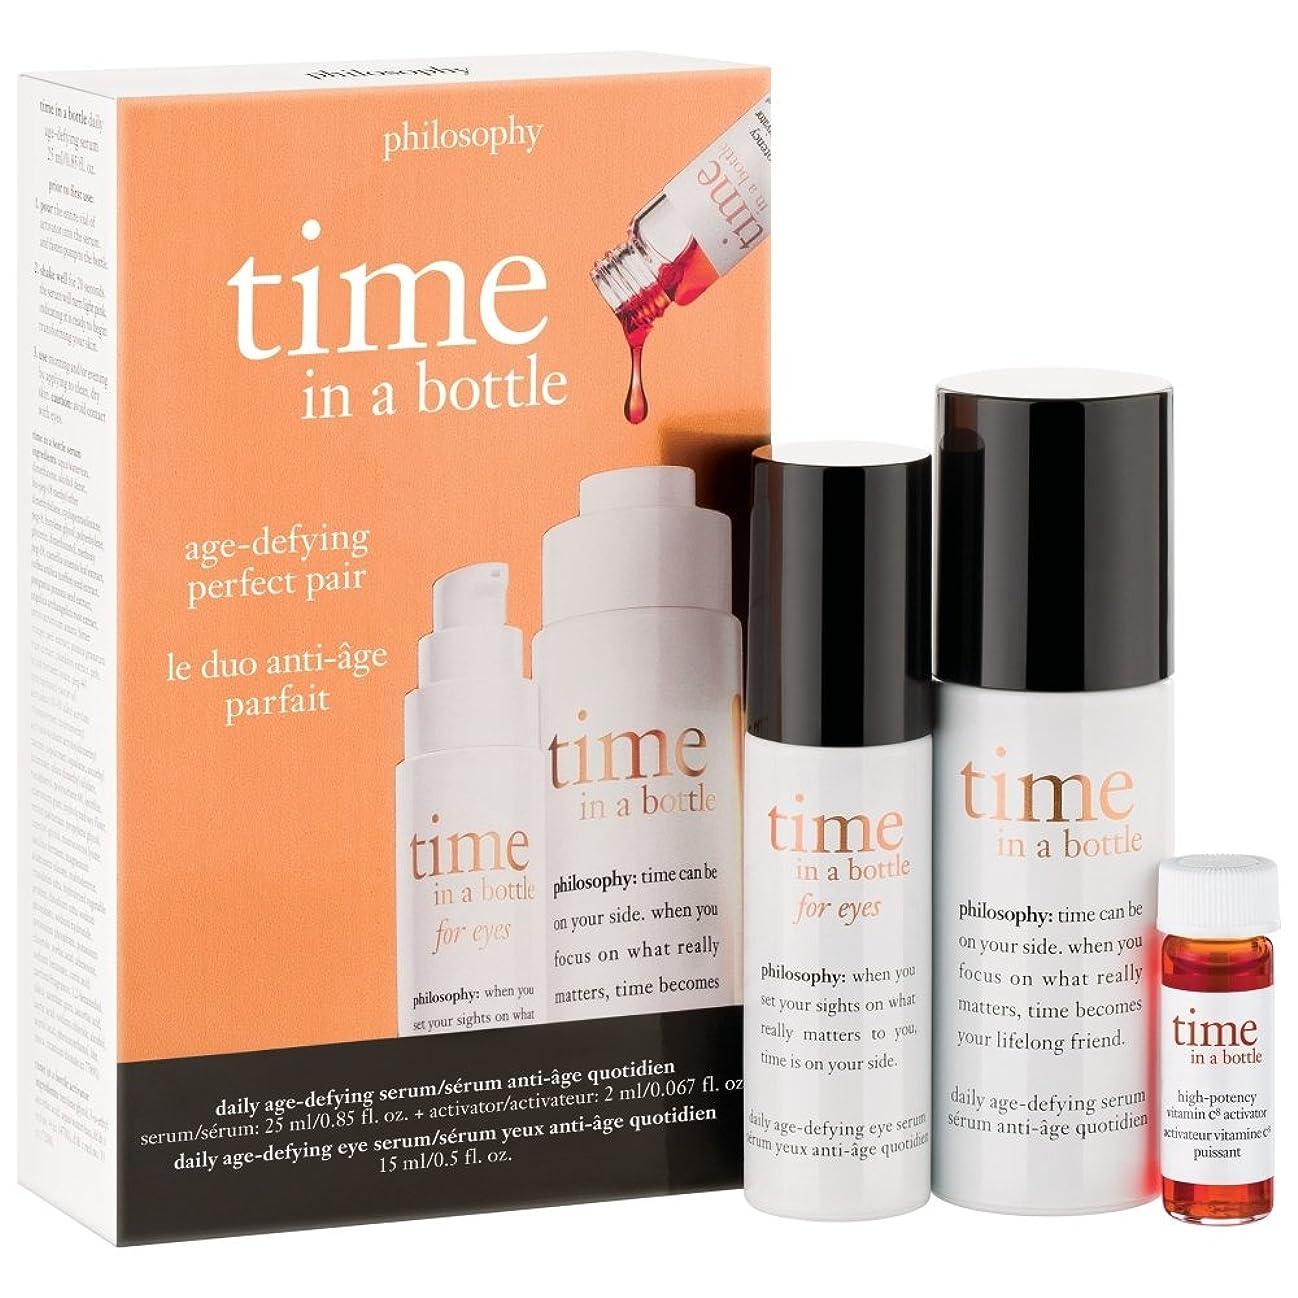 差チャネル歴史家ボトルカプセルセット内の哲学時間 (Philosophy) (x2) - Philosophy Time In A Bottle Capsule Set (Pack of 2) [並行輸入品]